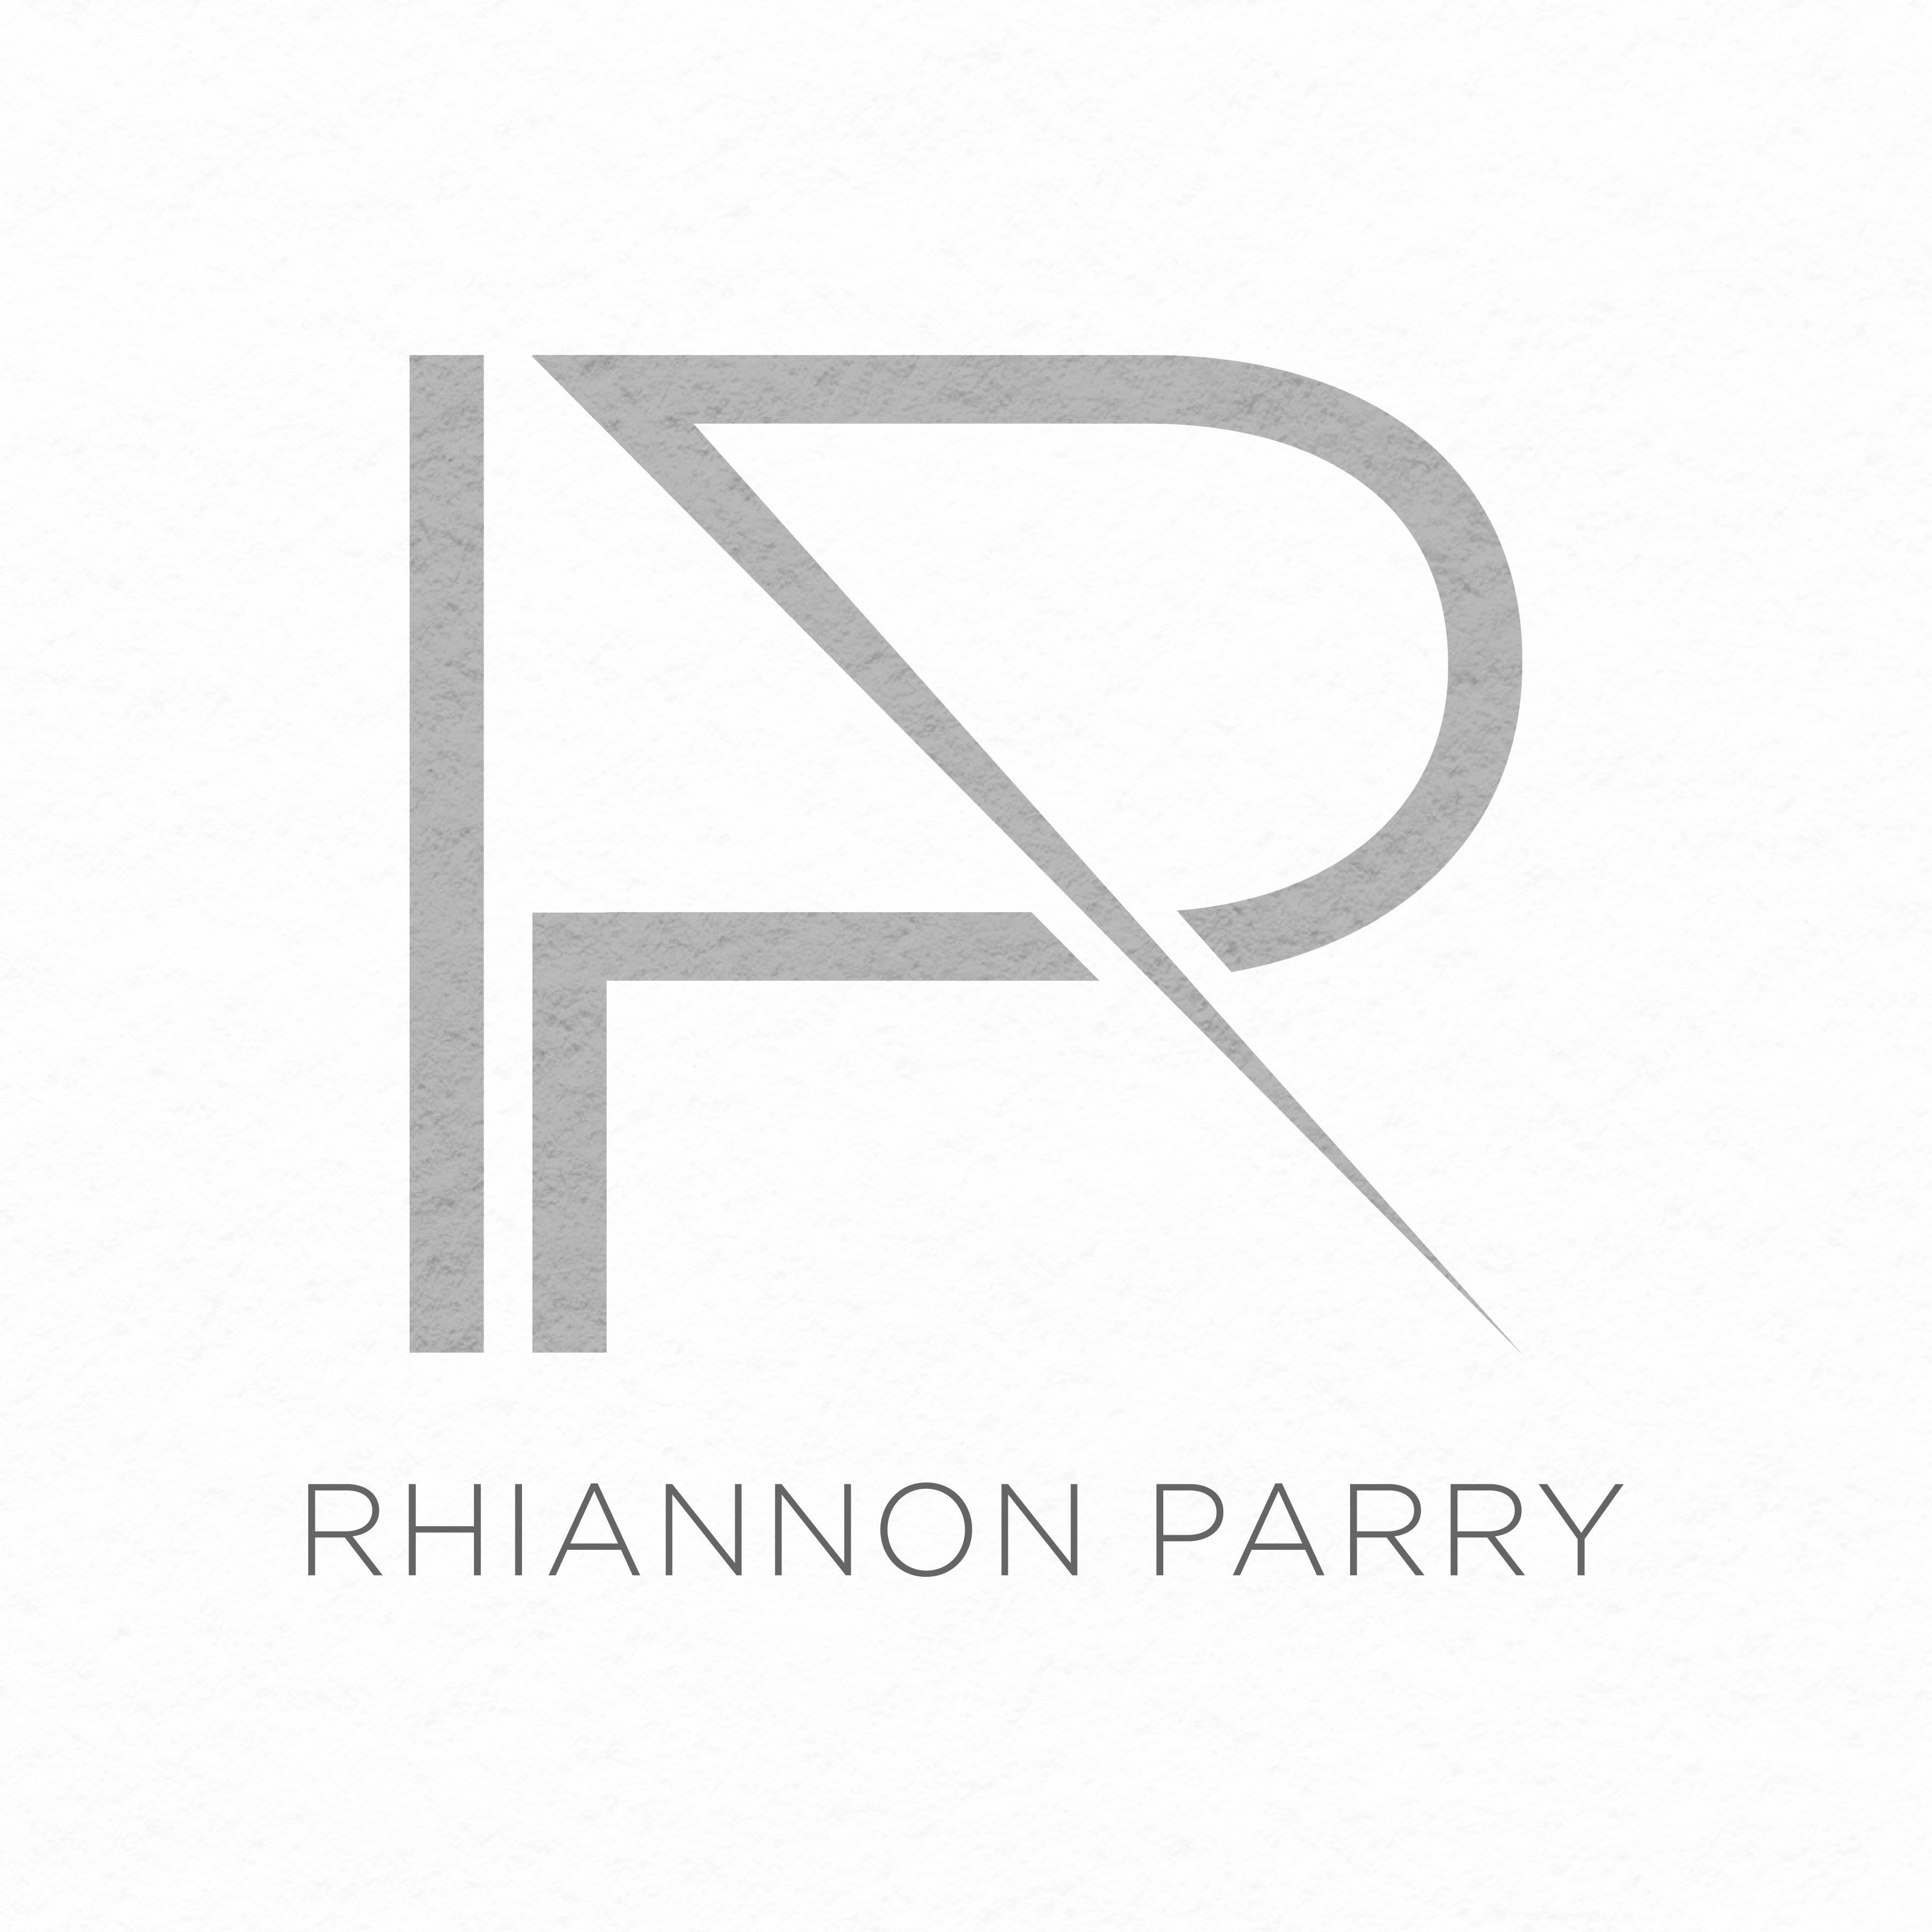 Rhiannon Parry